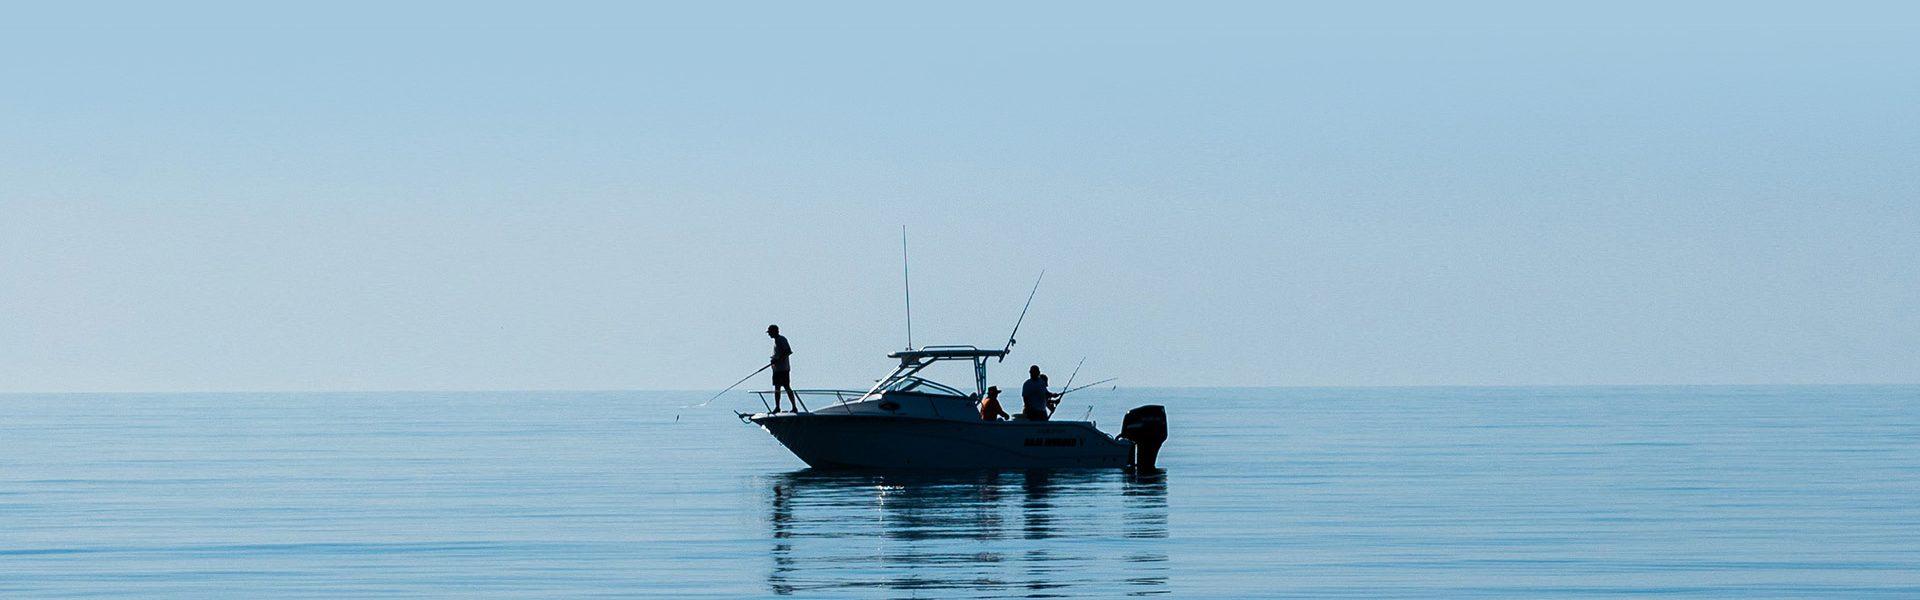 fishing-vacations2-1